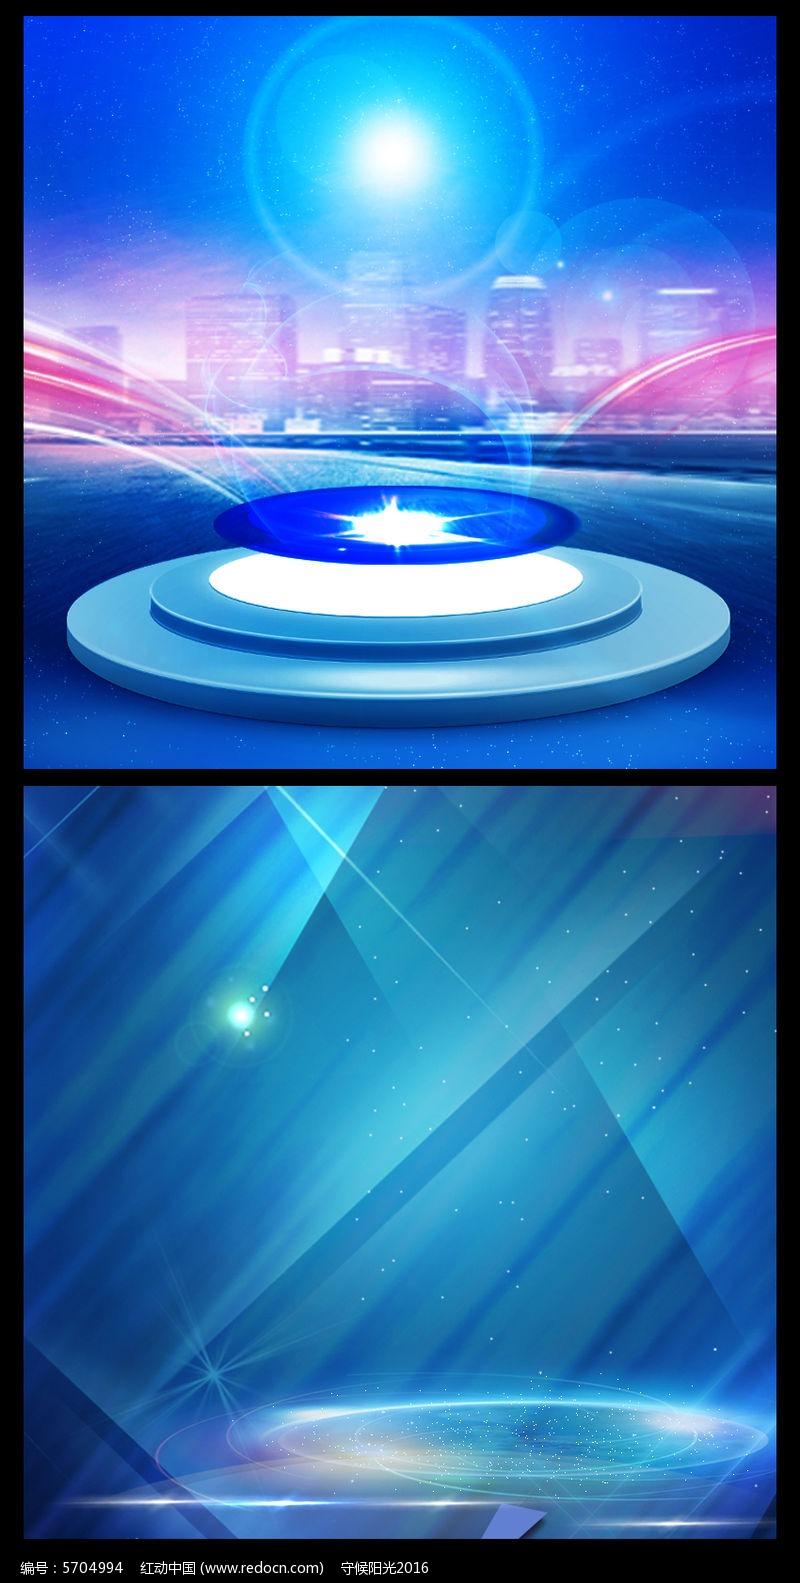 蓝色数码简约直通车背景素材图片